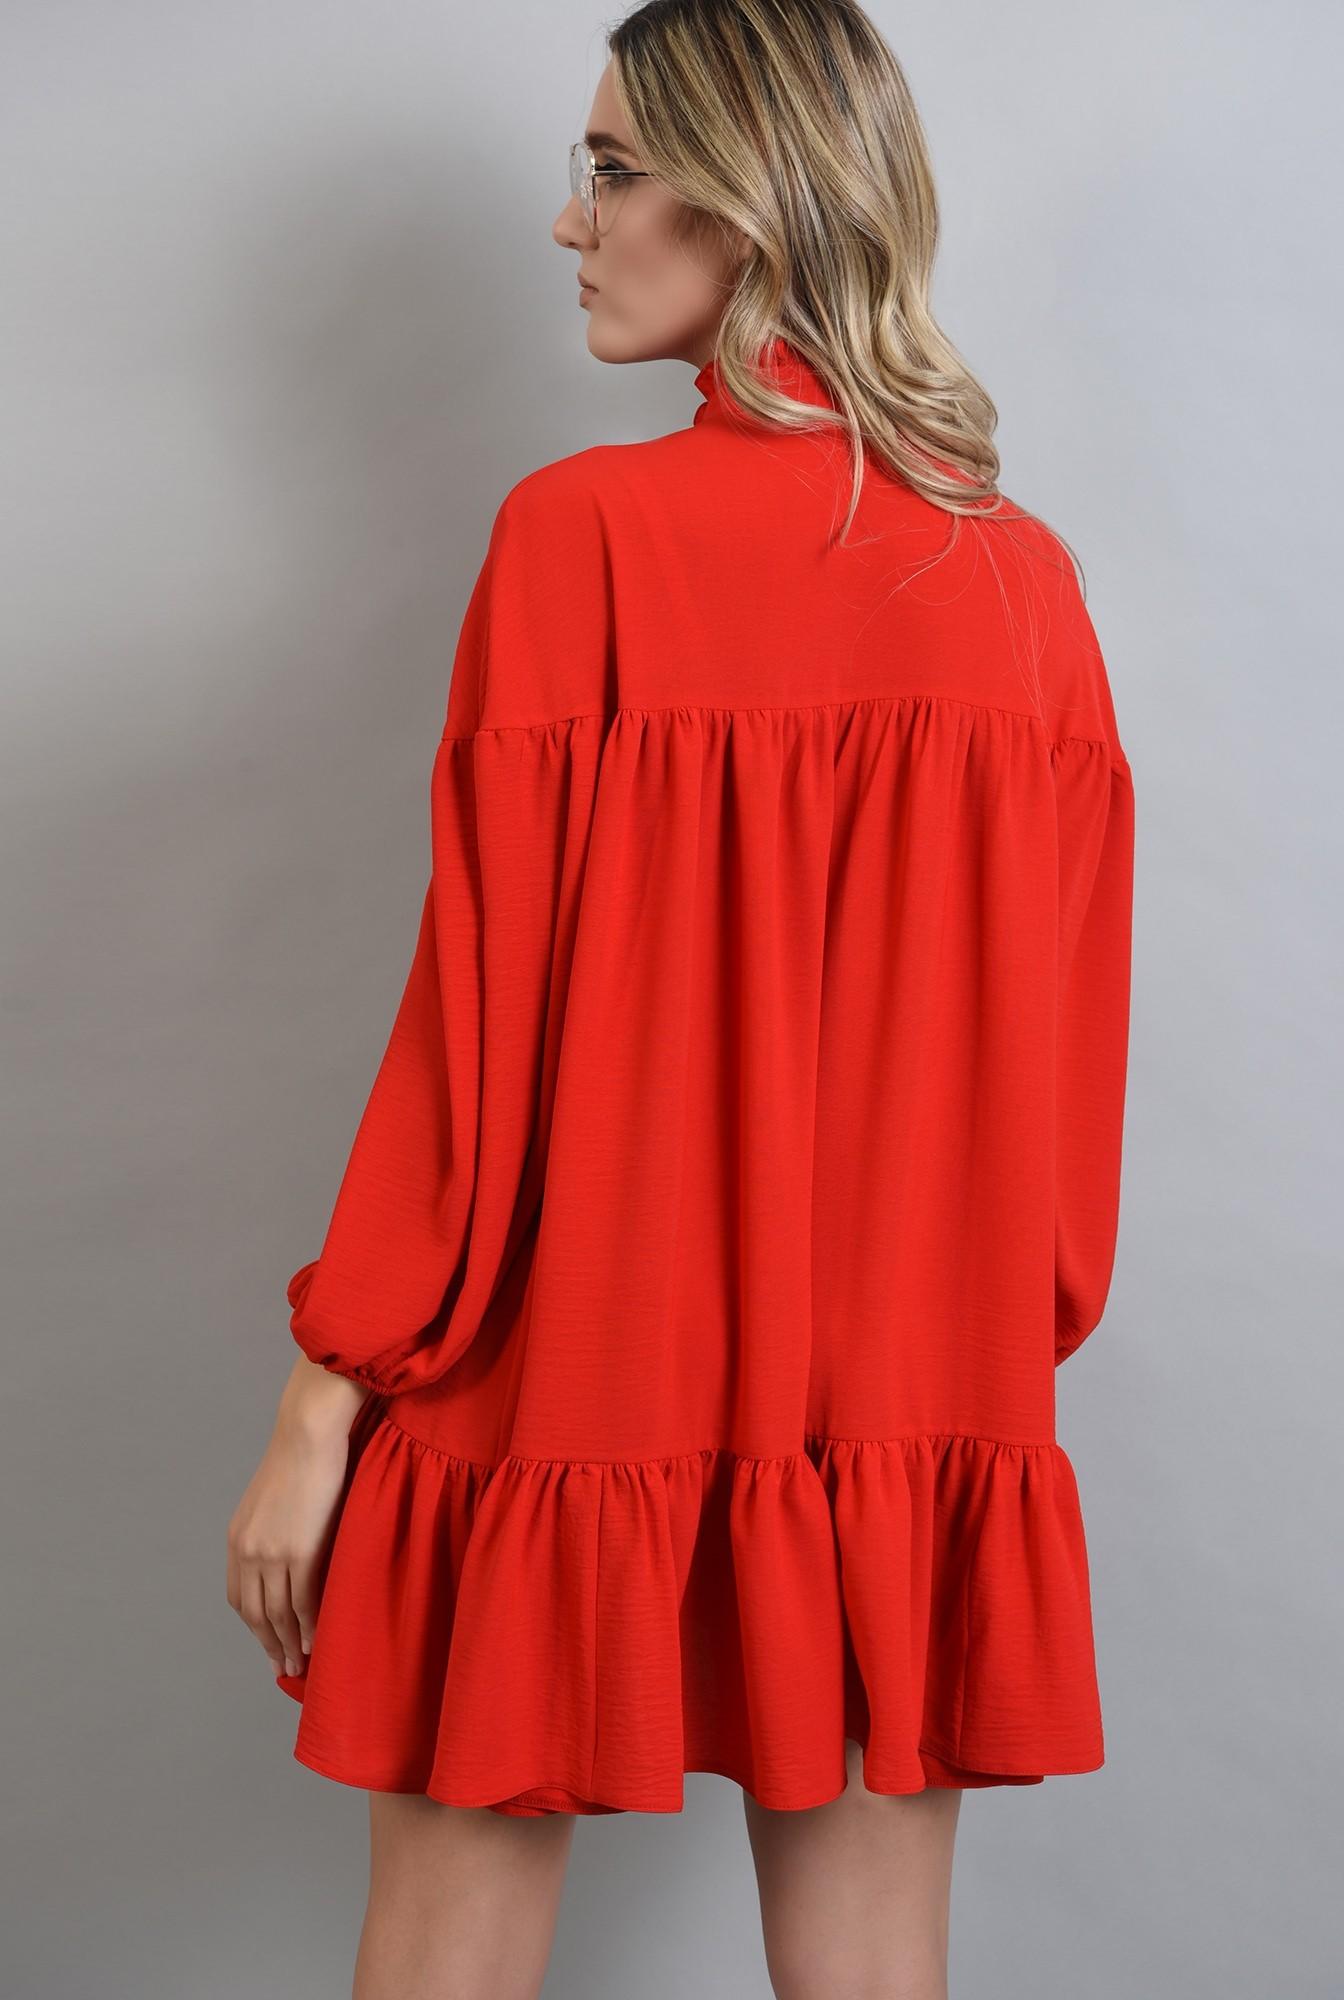 1 - rochie rosie mini, larga, cu guler, Poema